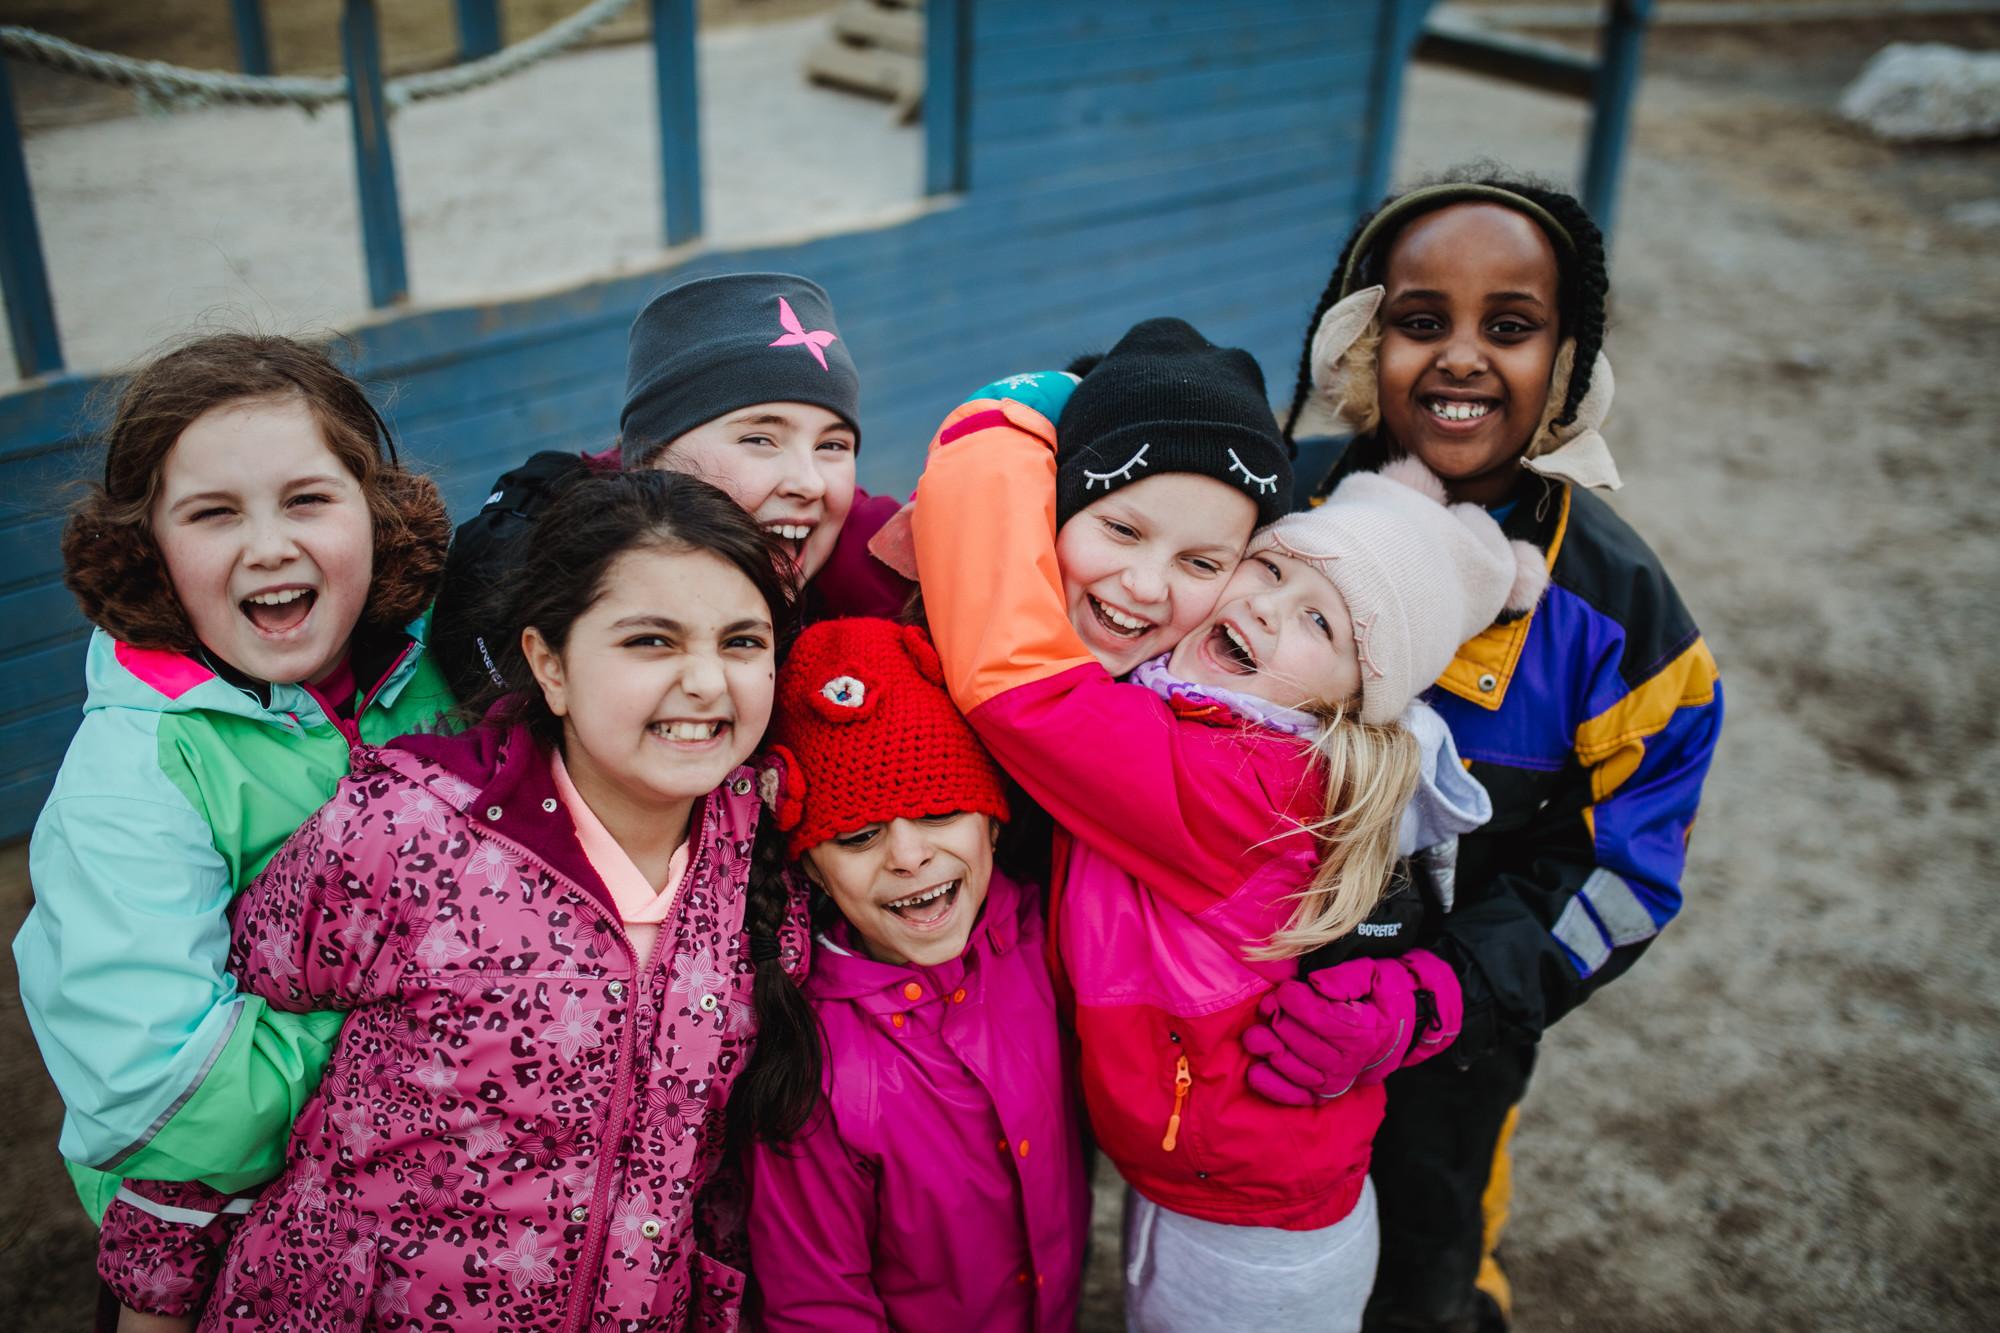 Skole og barnehage - Her finner du informasjon om skole- og barnehagetilbudet i kommunen